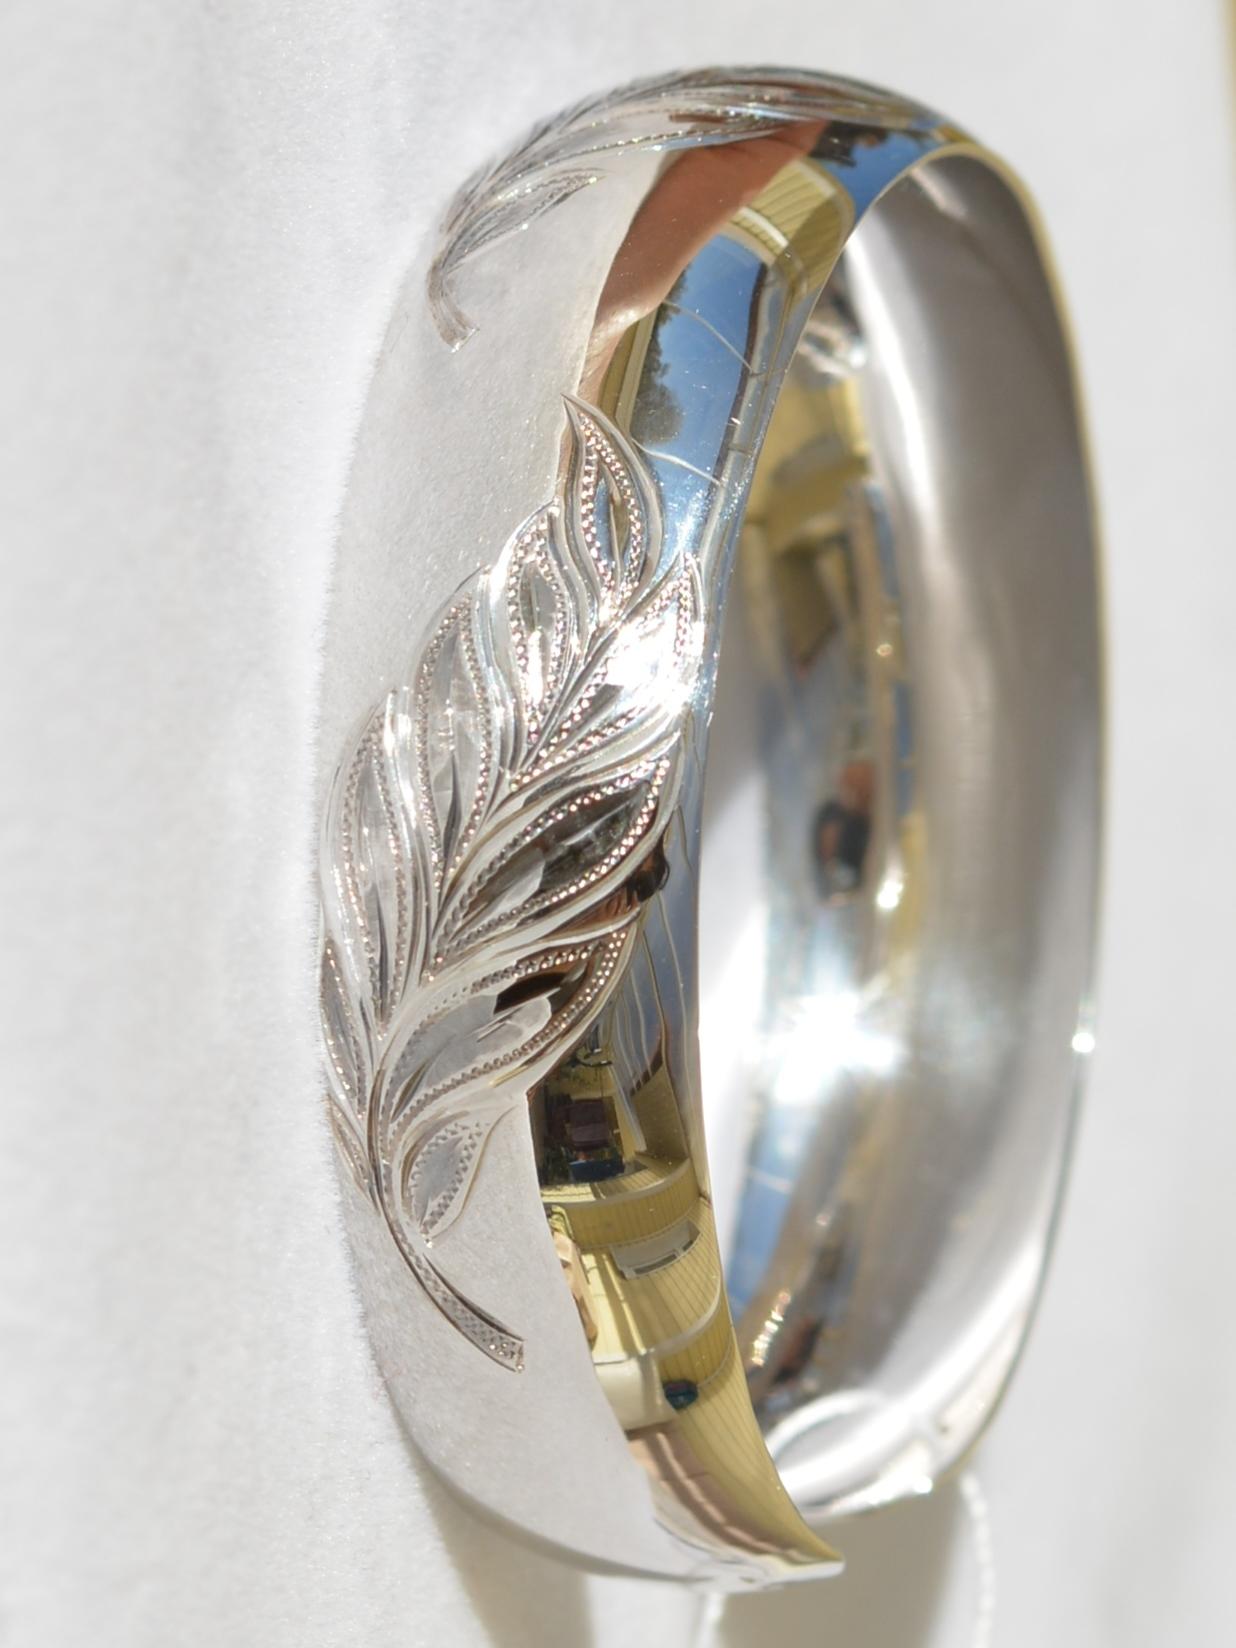 Плума (серебряный браслет)